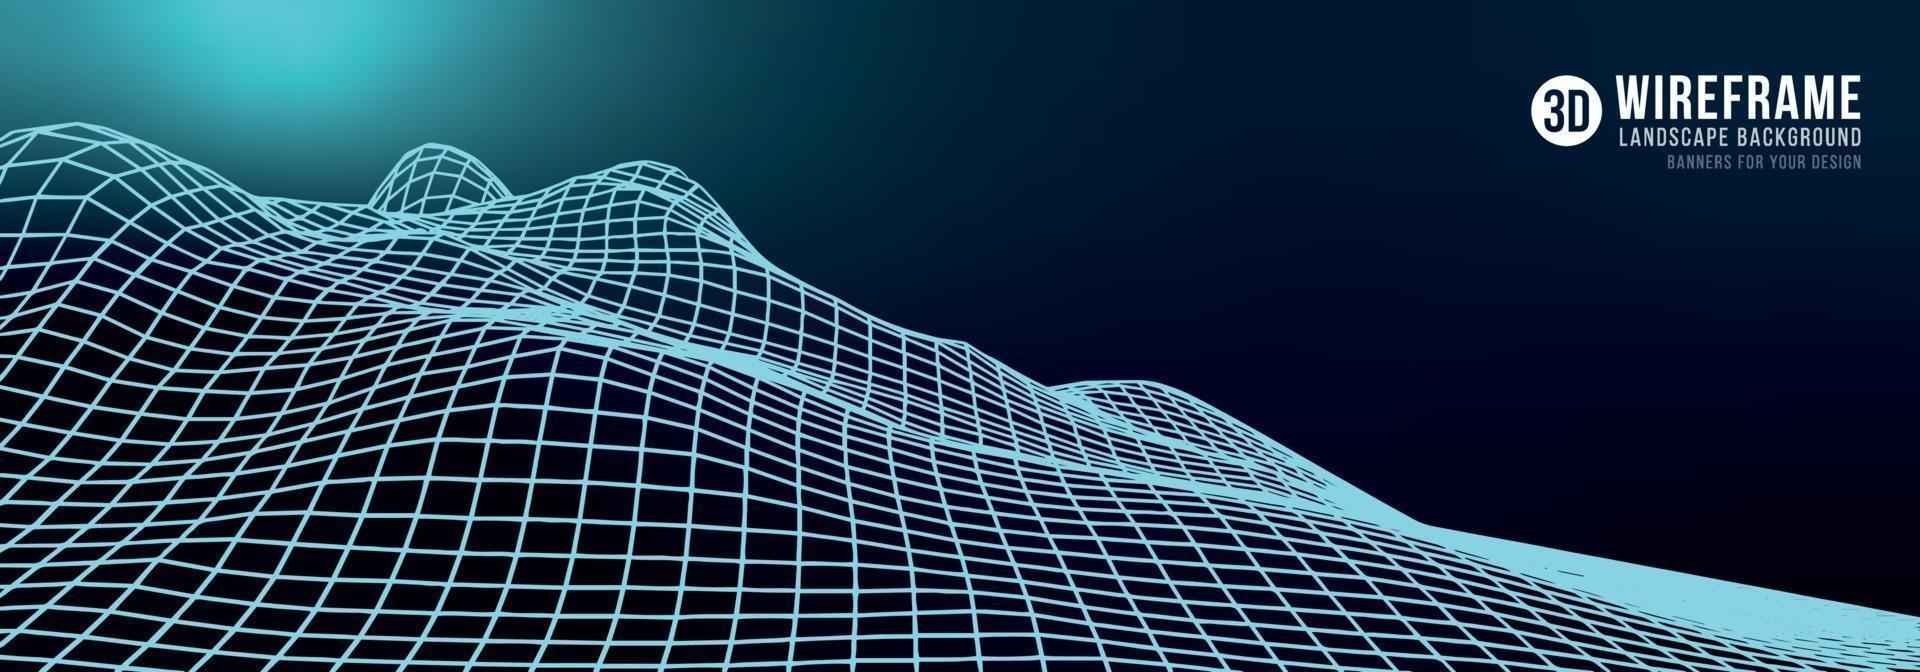 Fondo de paisaje abstracto de estructura metálica. vector